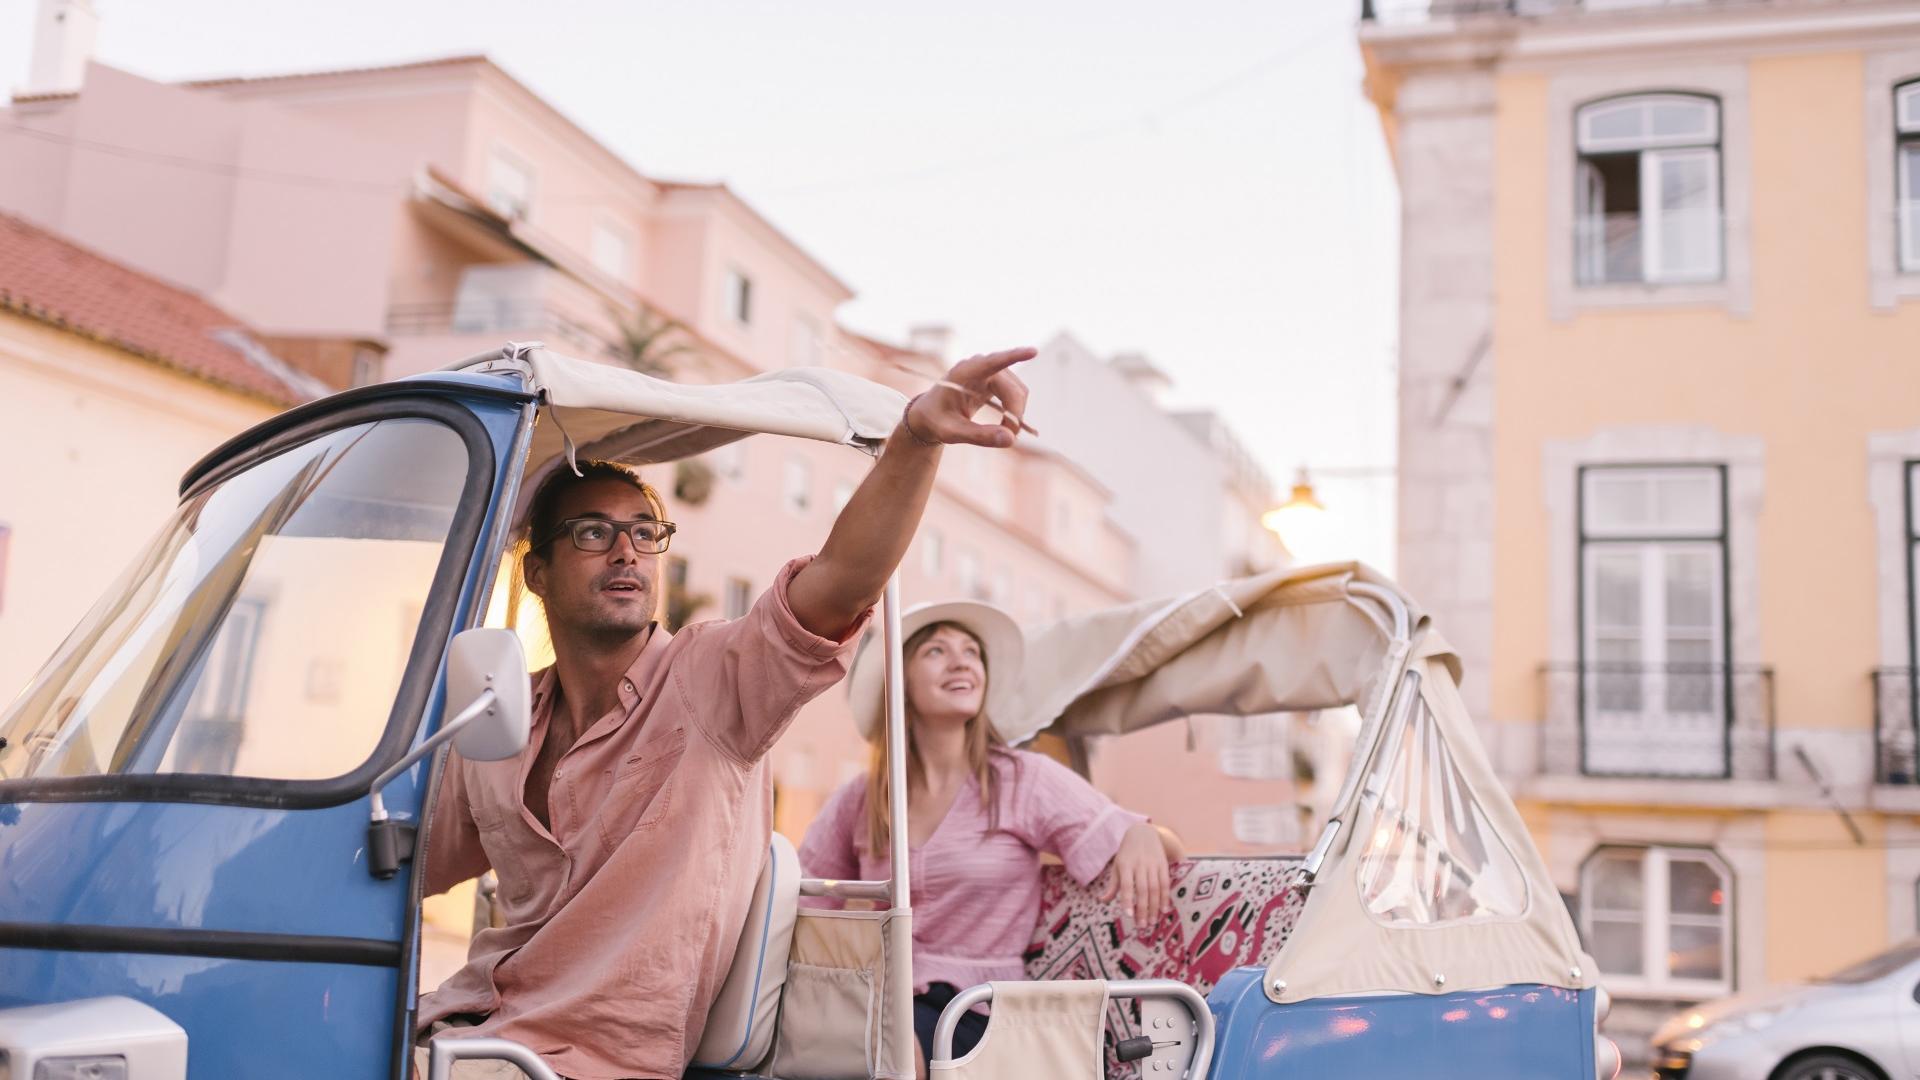 Mann sitzt in einem Taxi und deutet in die Luft, die Frau dahinter folgt seinem Blick